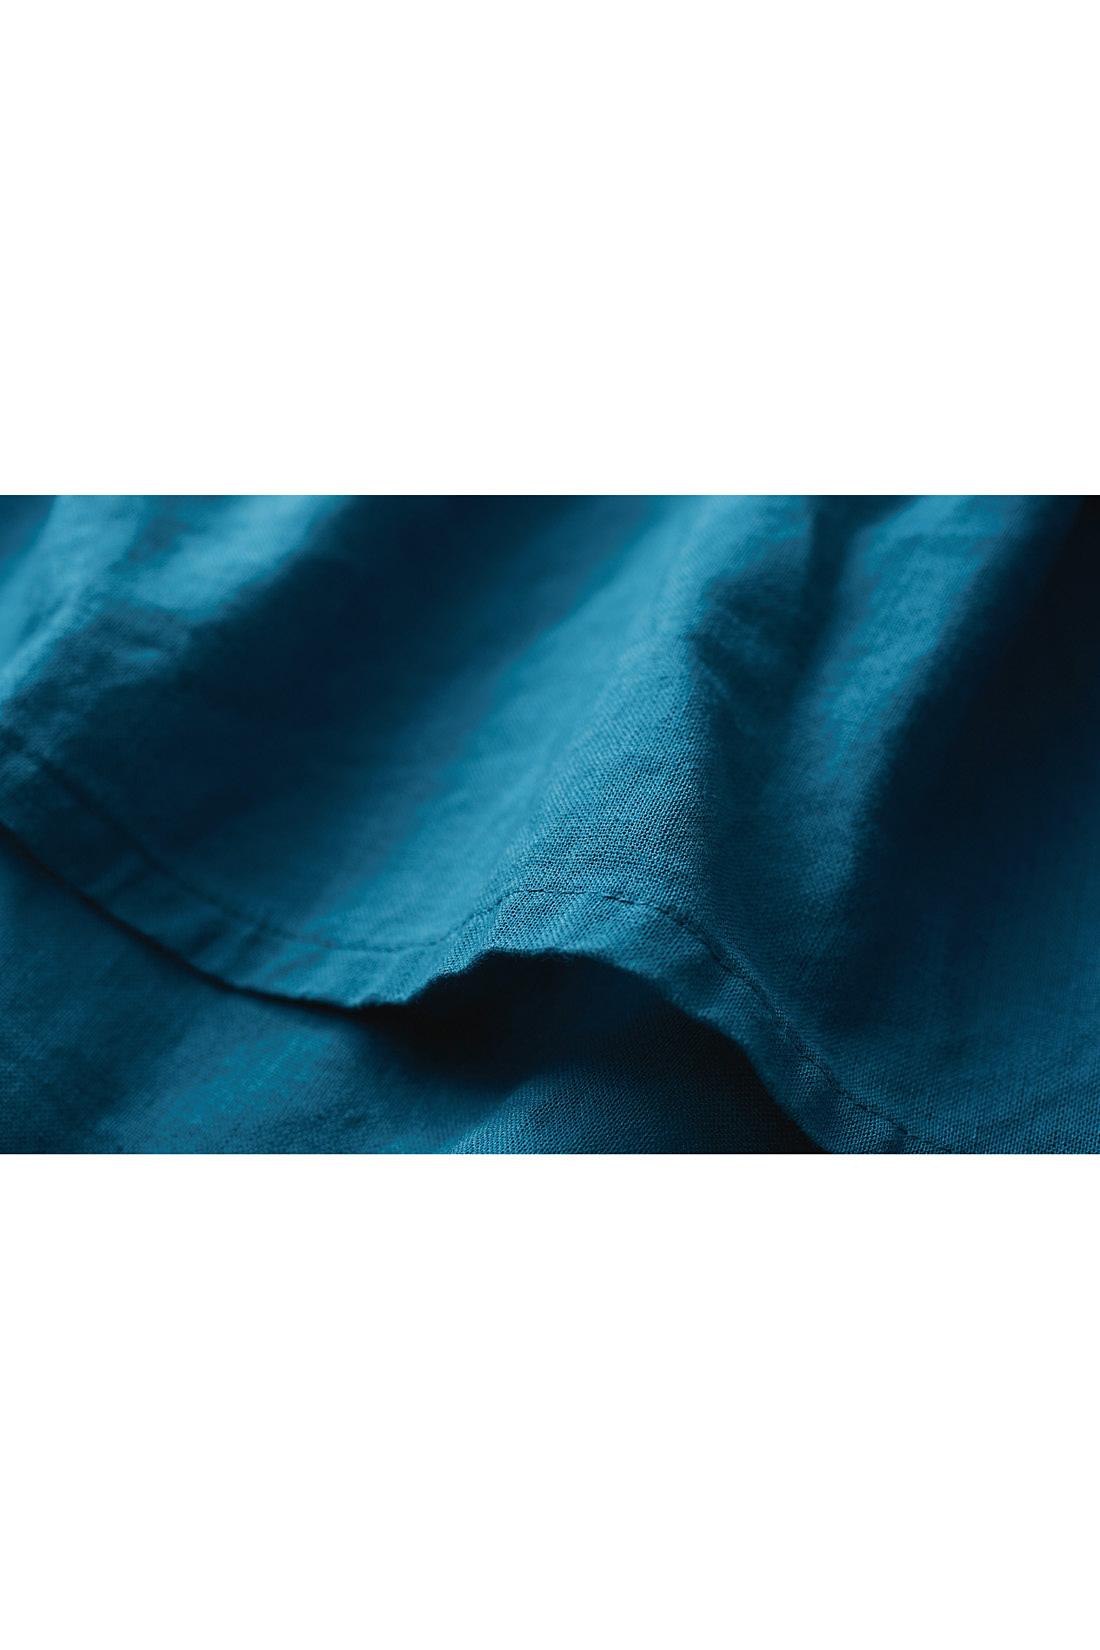 軽く、やわらかなコットンリネン素材は、あえて洗いざらしを着ても。